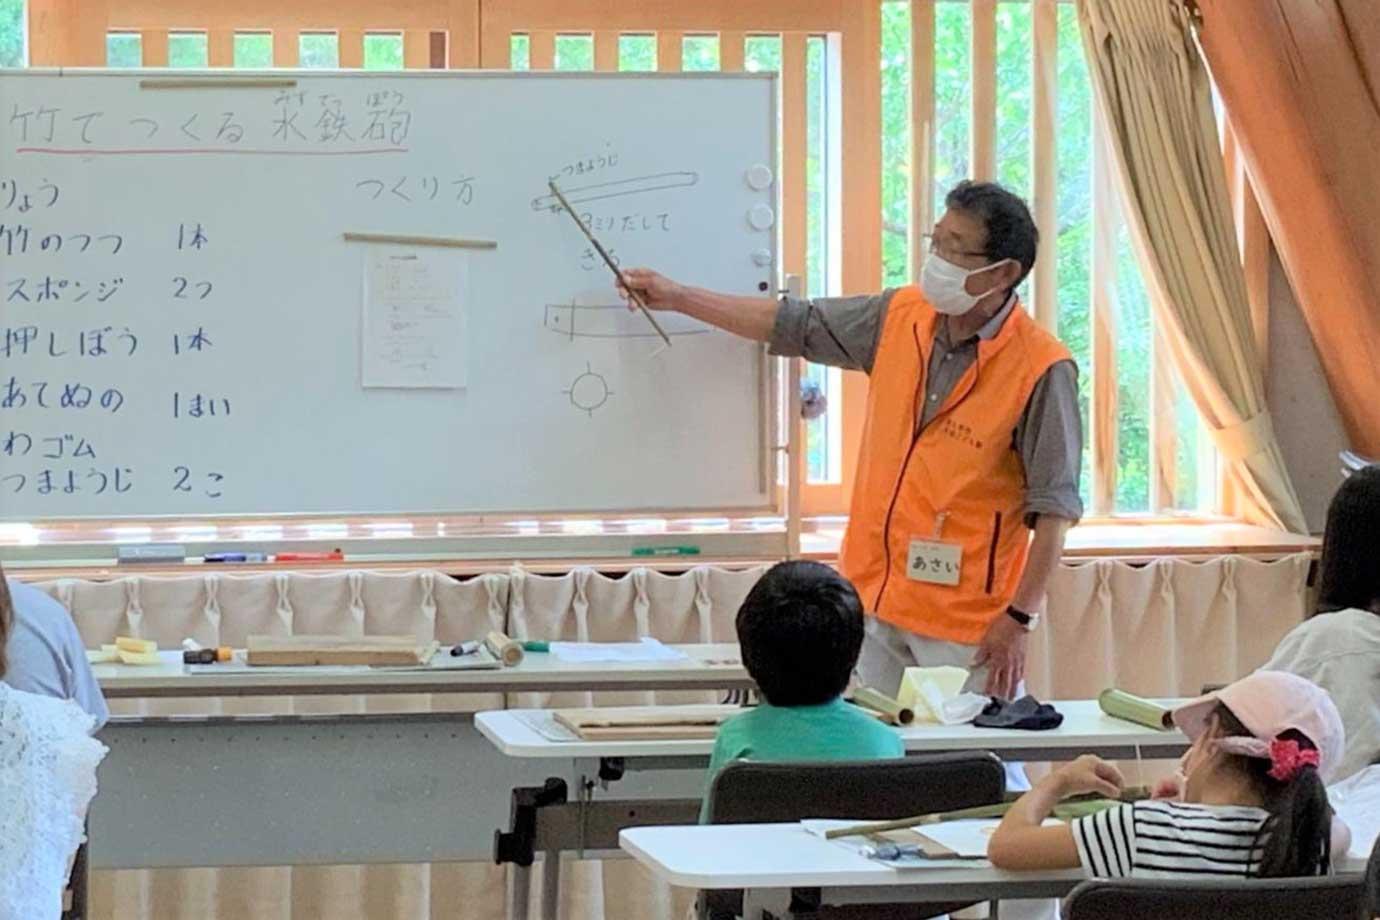 浅井講師が水鉄砲の作り方を分かりやすく丁寧に教えてくれます